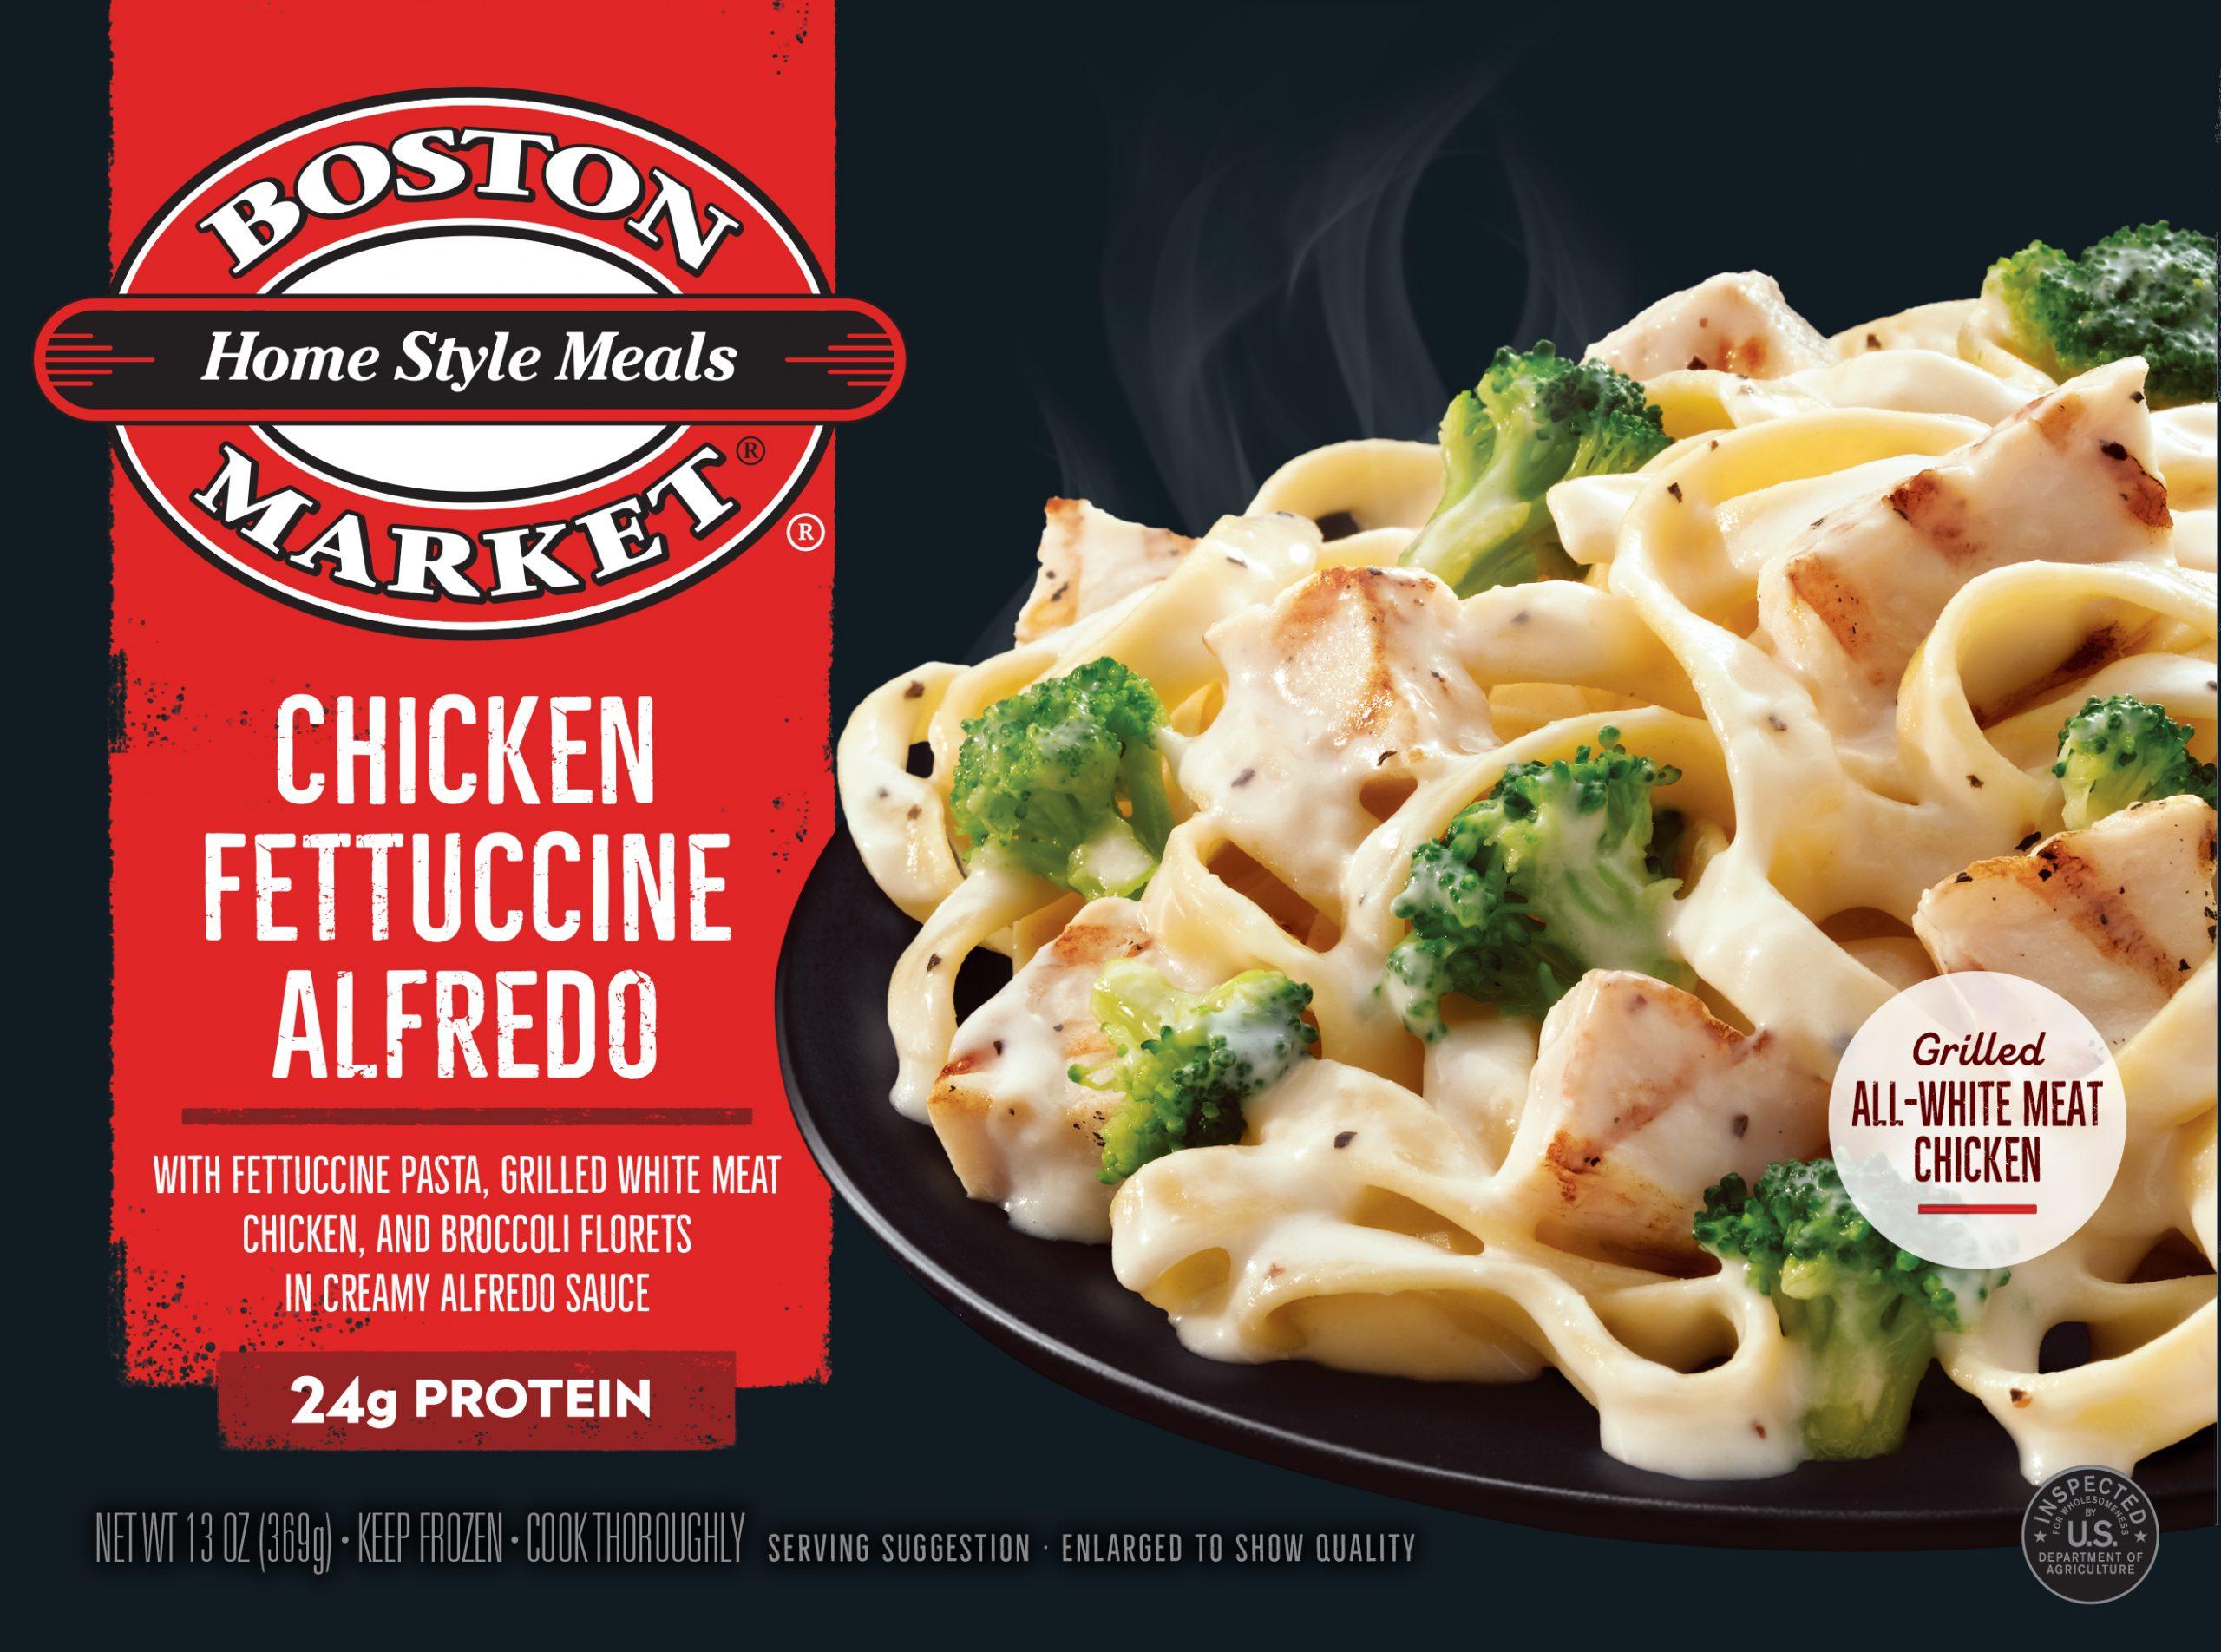 Chicken Fettuccine Alfredo box